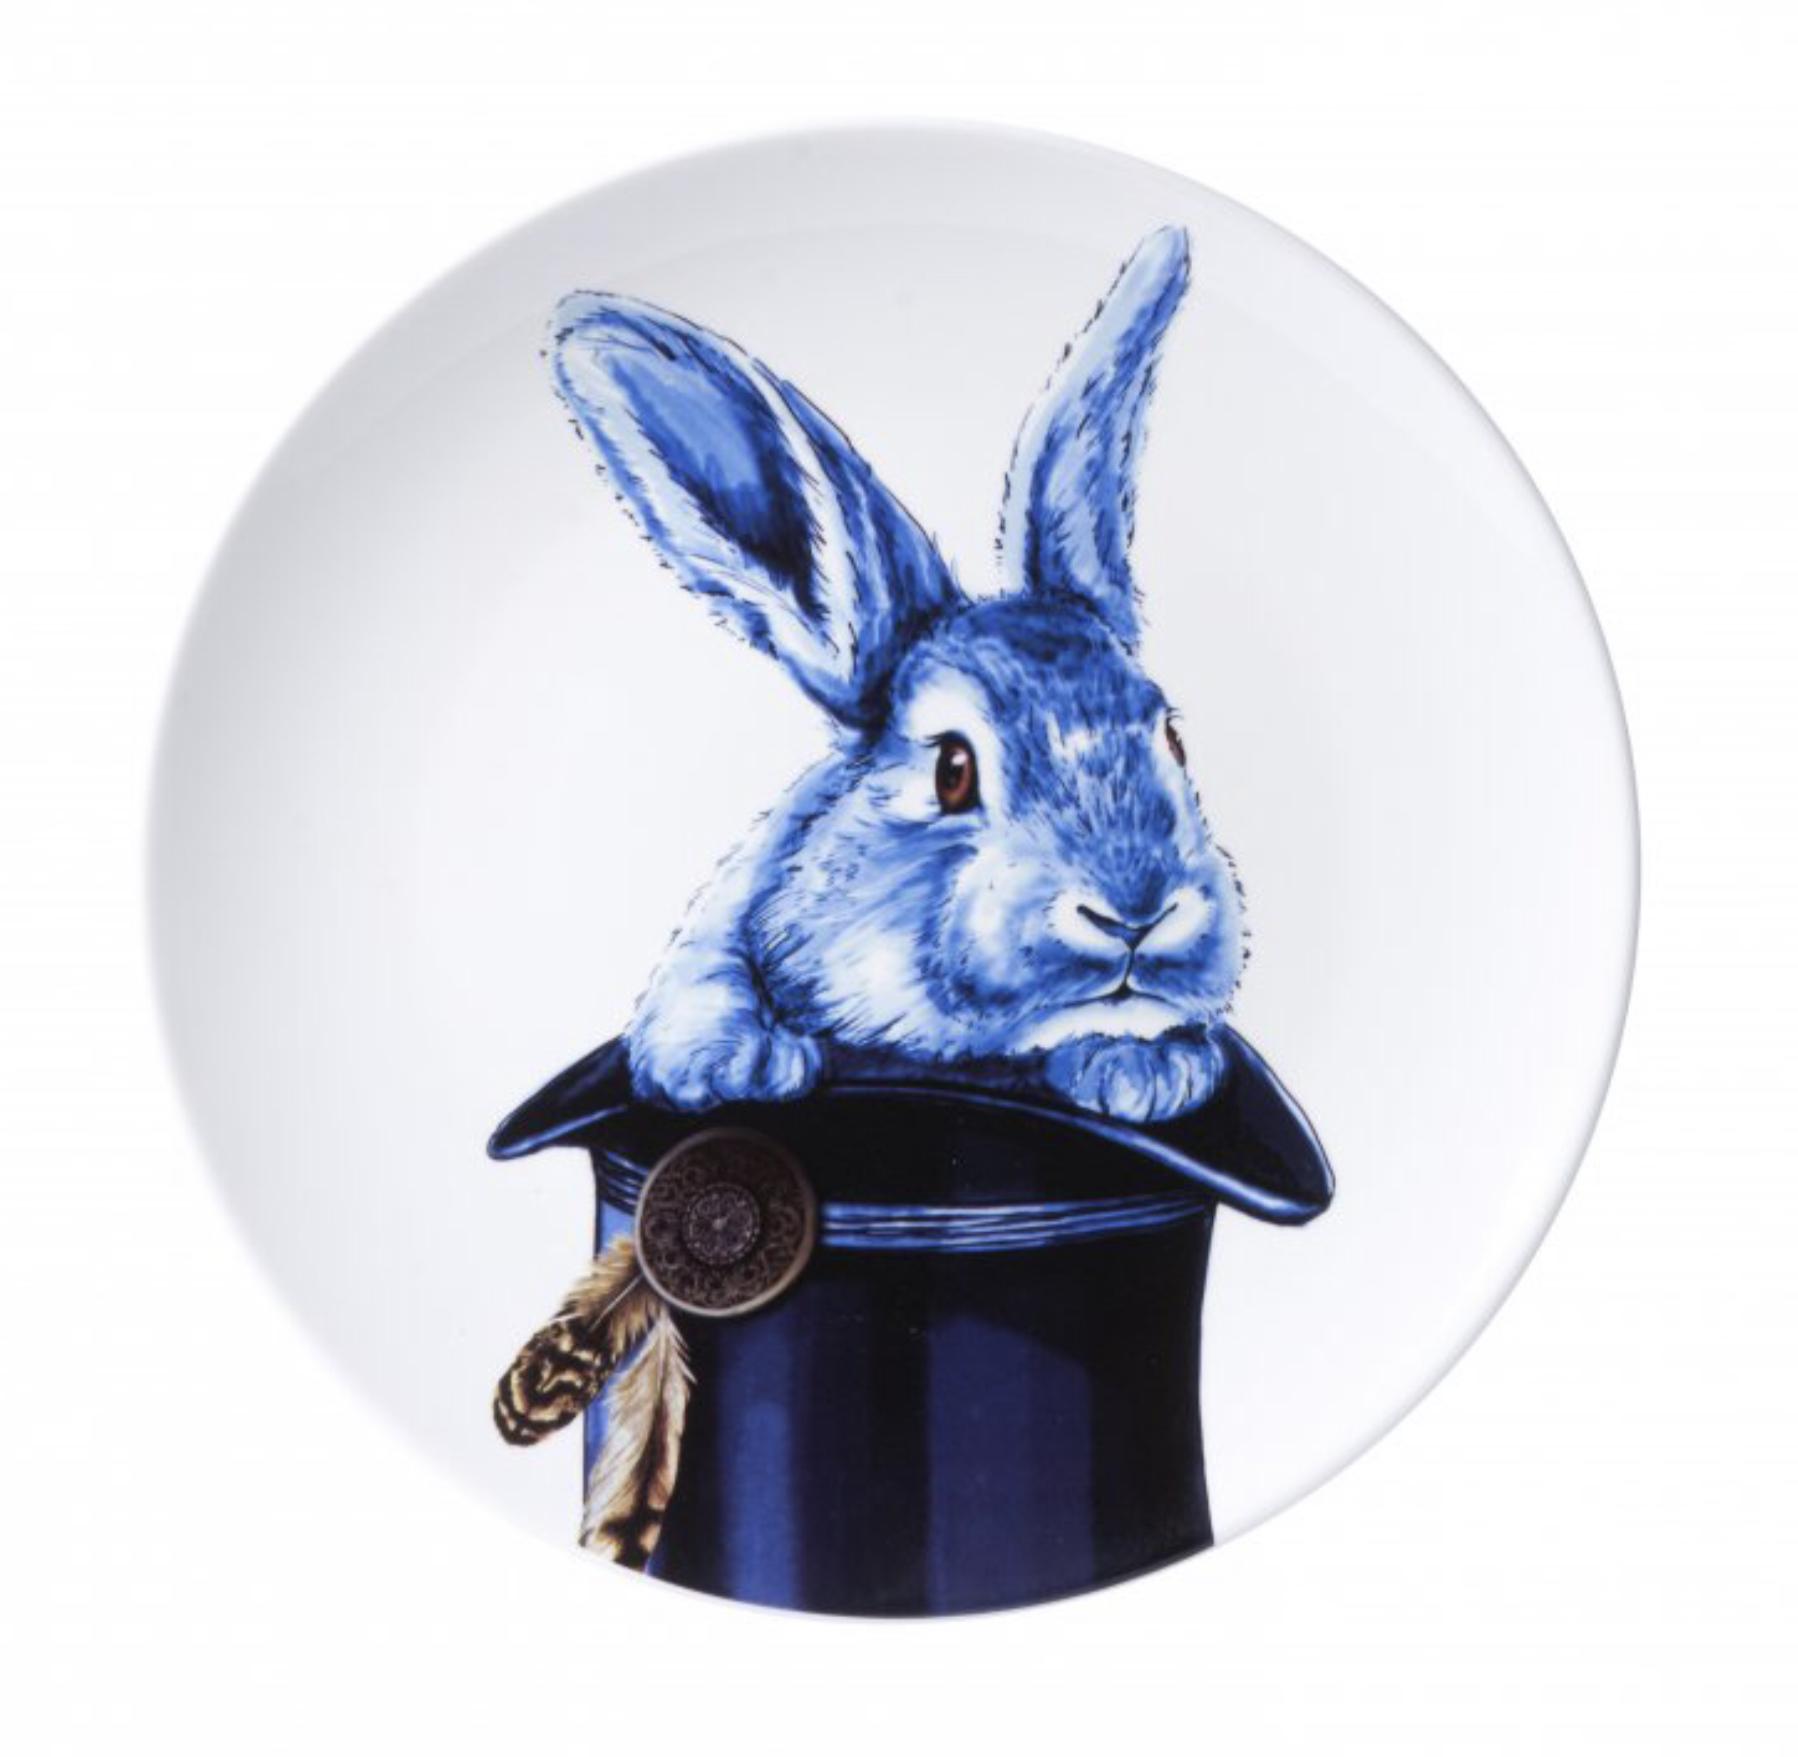 Konijn uit hoed Heinen Delfts Blauw wand borden bij Angelart Kunst en Zo Hattem dieren